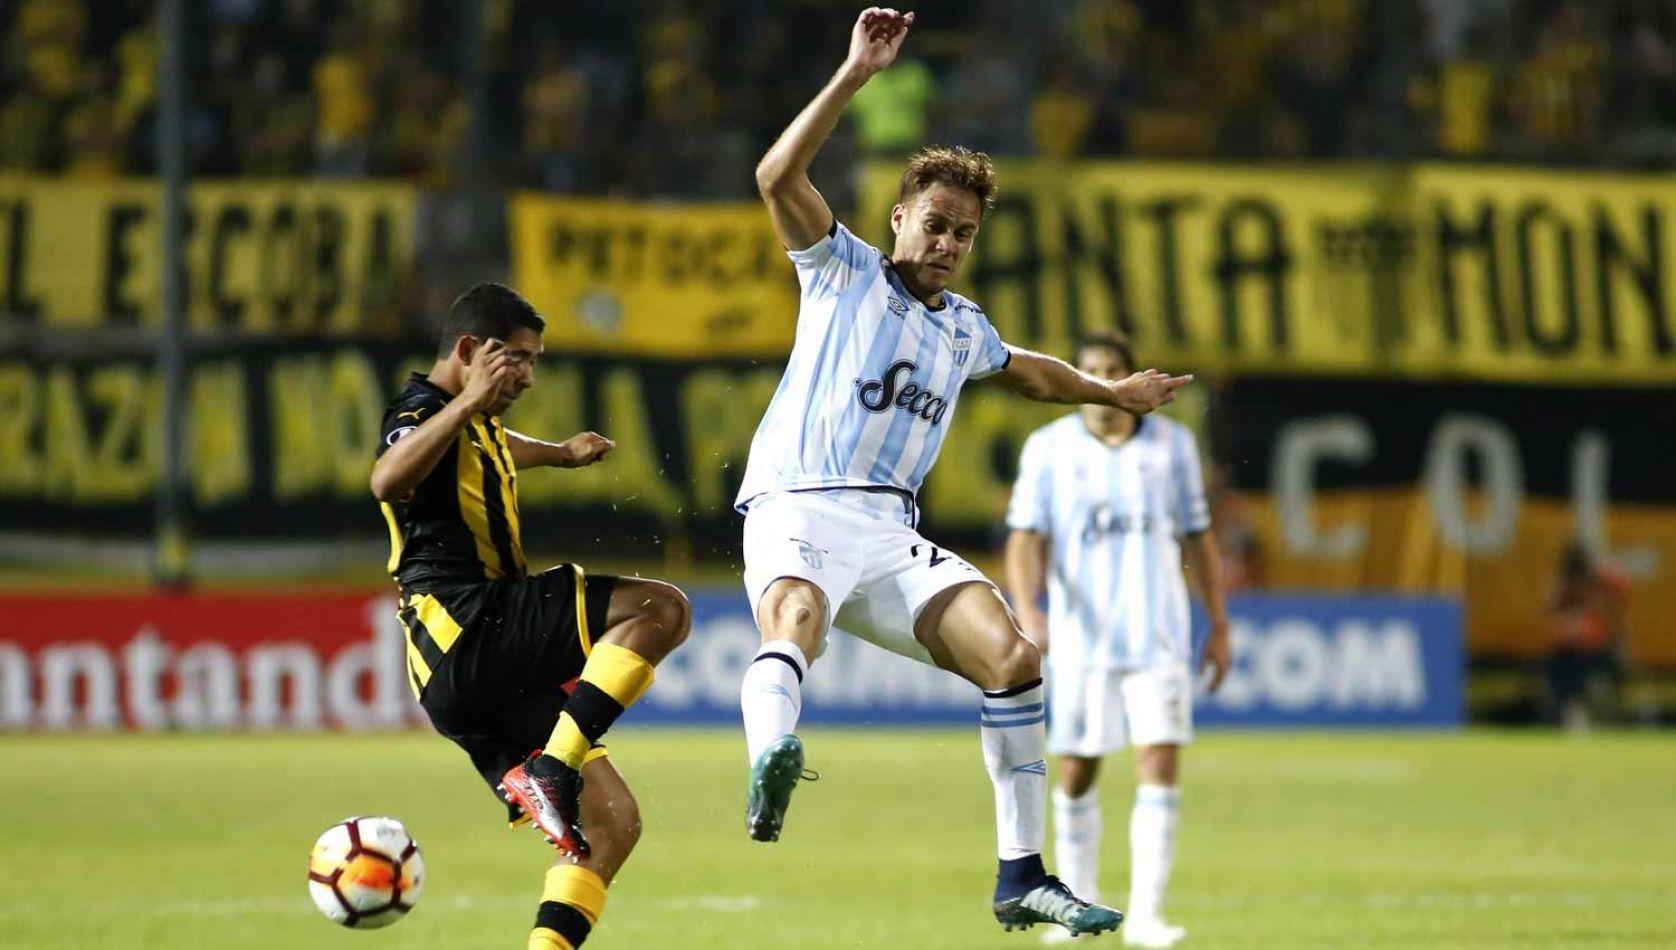 Image Result For Real Sociedad Valencia Vivo Tyc Sports